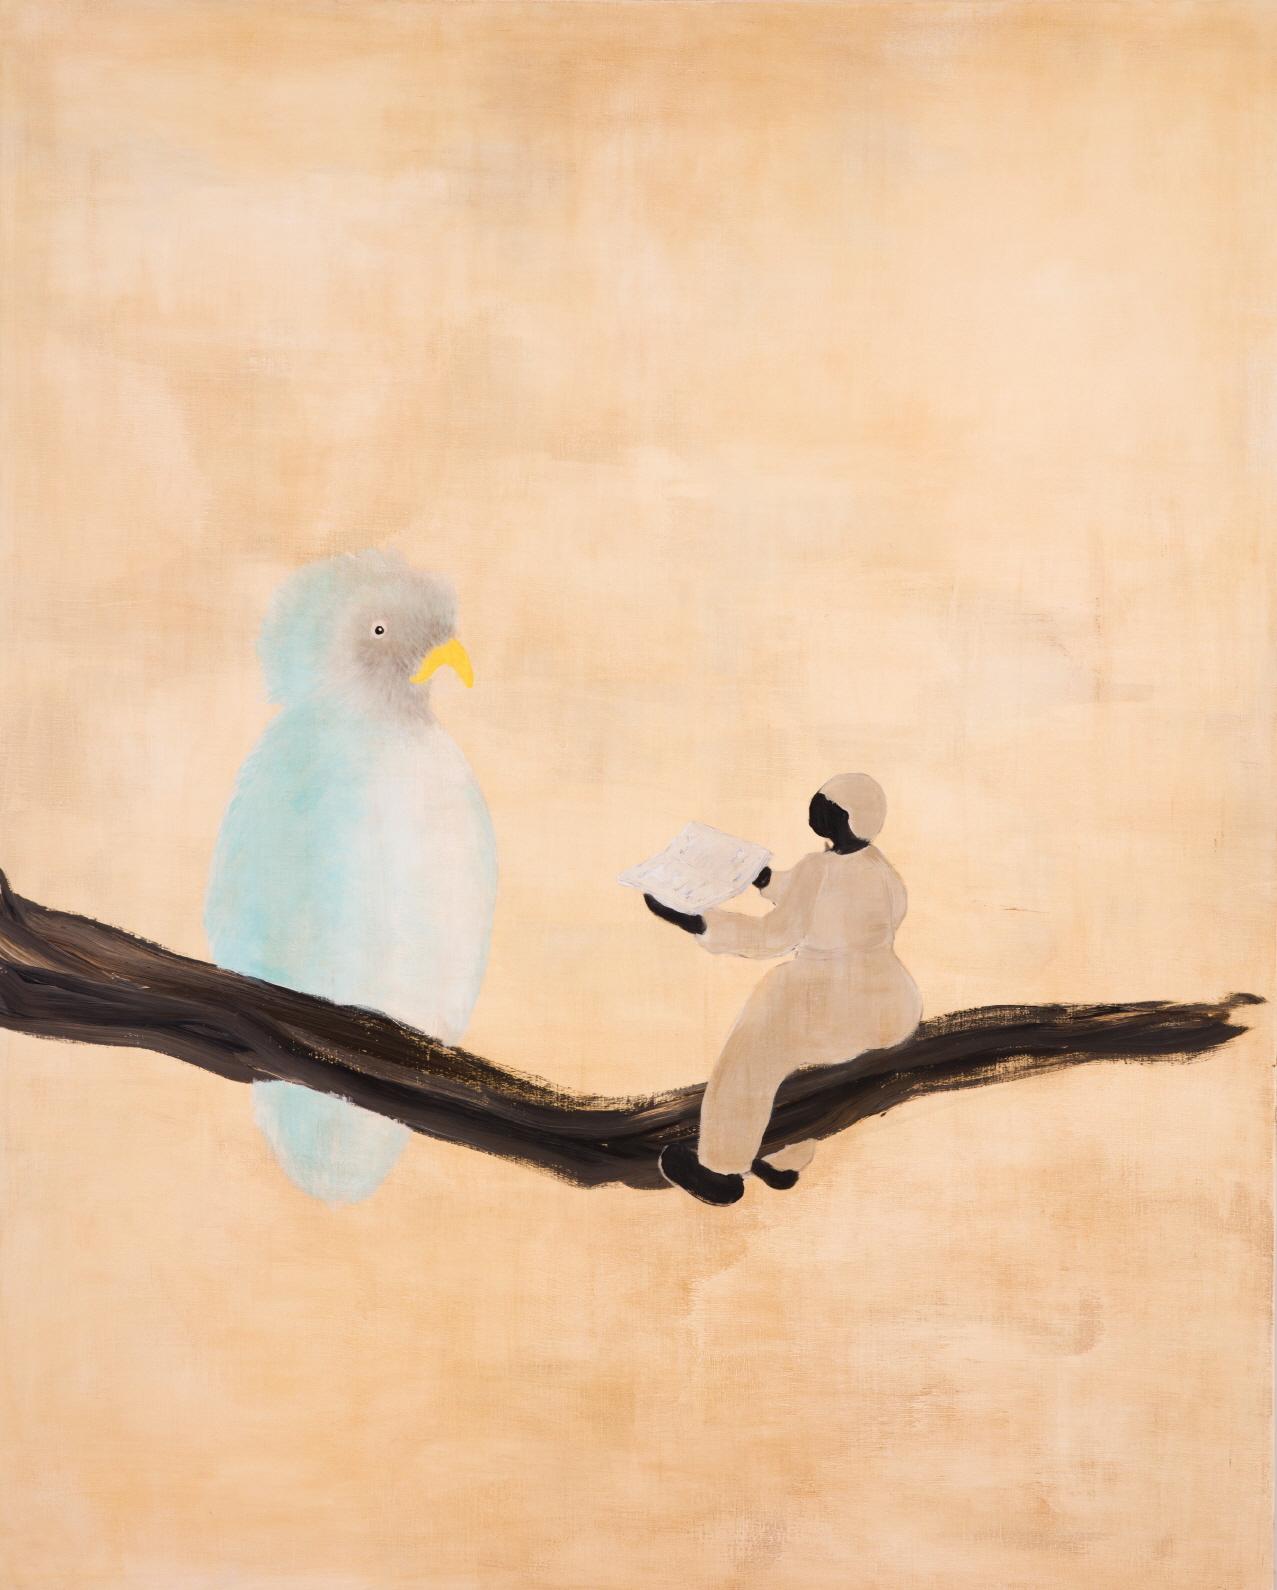 윤정원, 책 읽어주는 새, 180x130cm, Acrylic on canvas, 2019.jpg